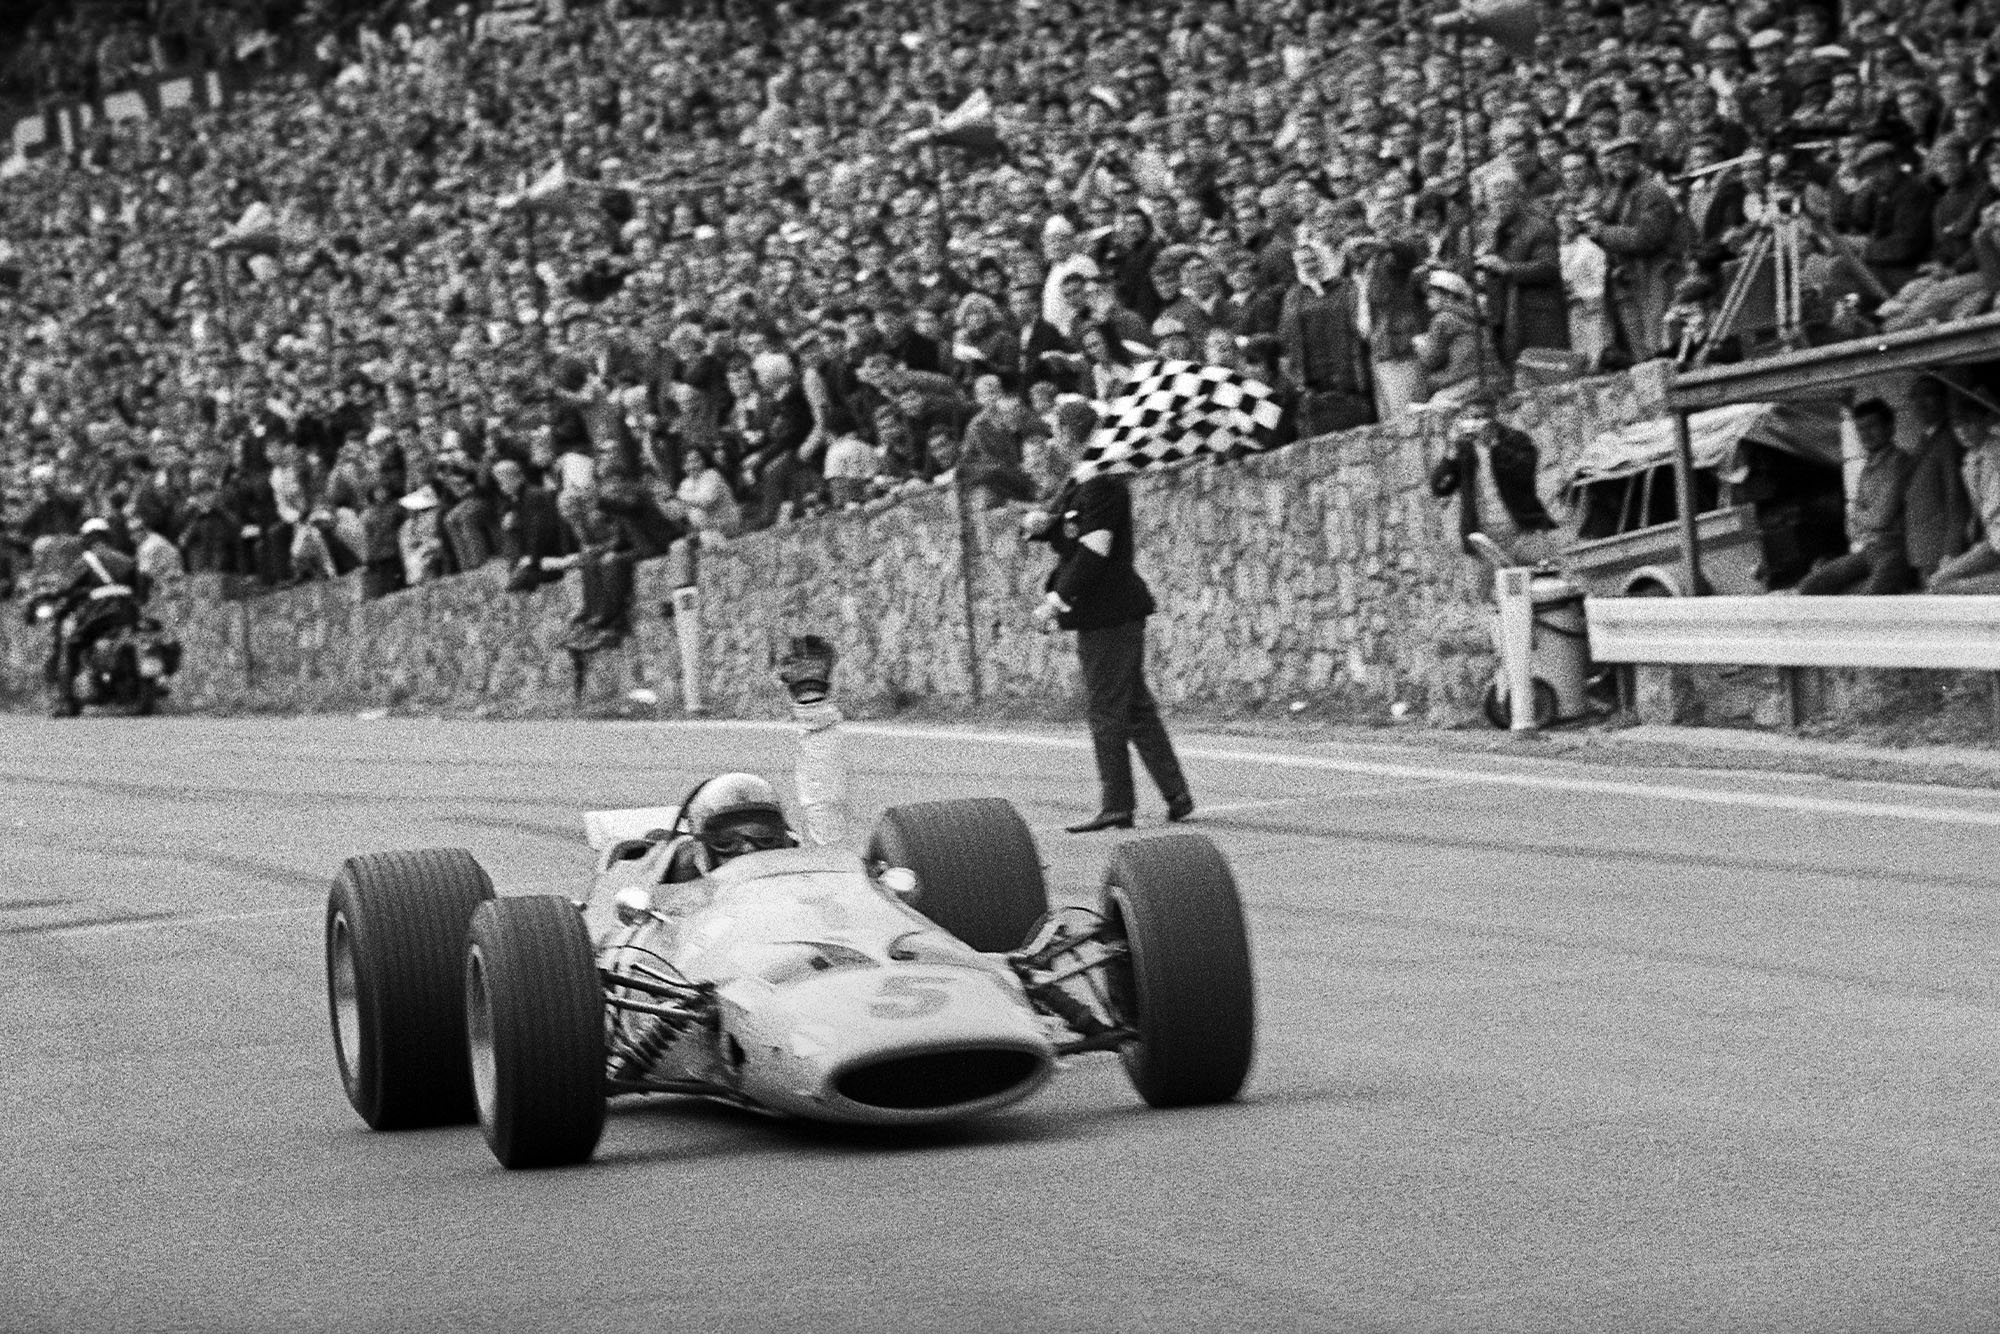 Bruce McLaren crosses the line to win the 1968 Belgian Grand Prix